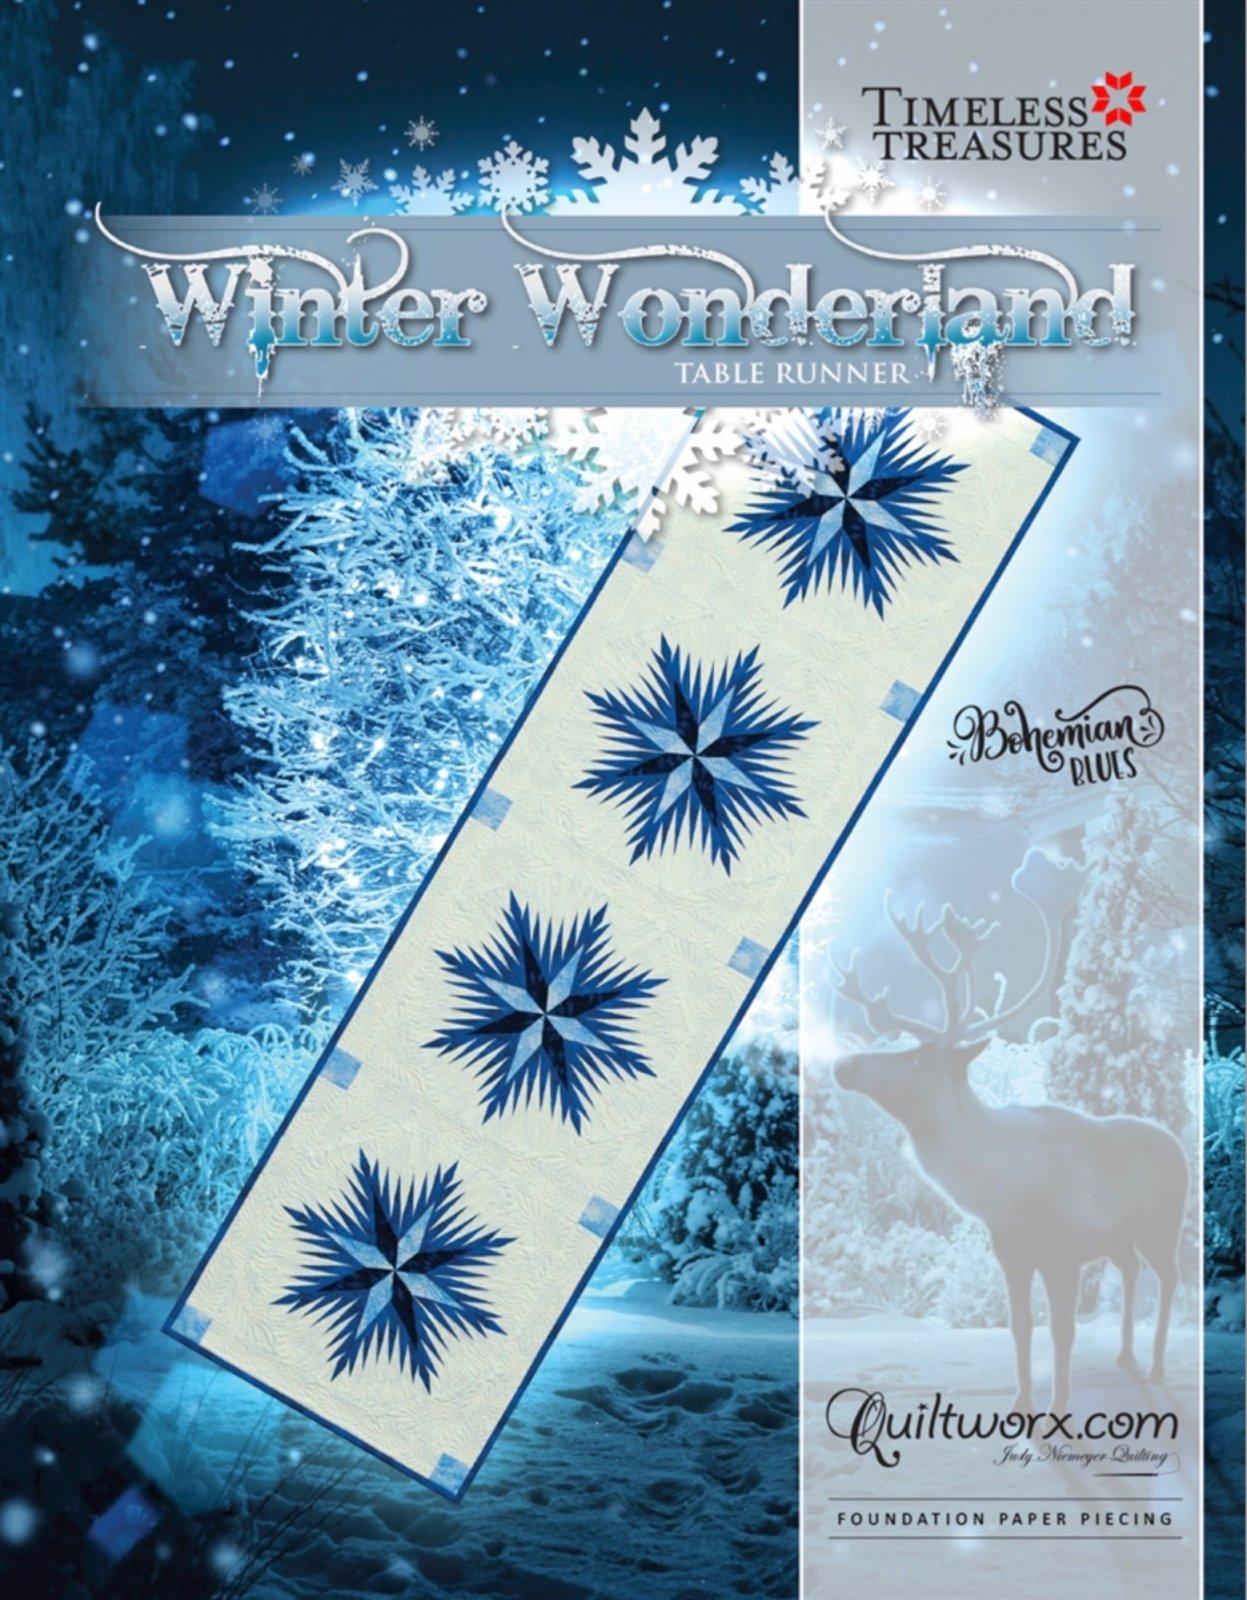 Winter Wonderland Table Runner 20 x 74